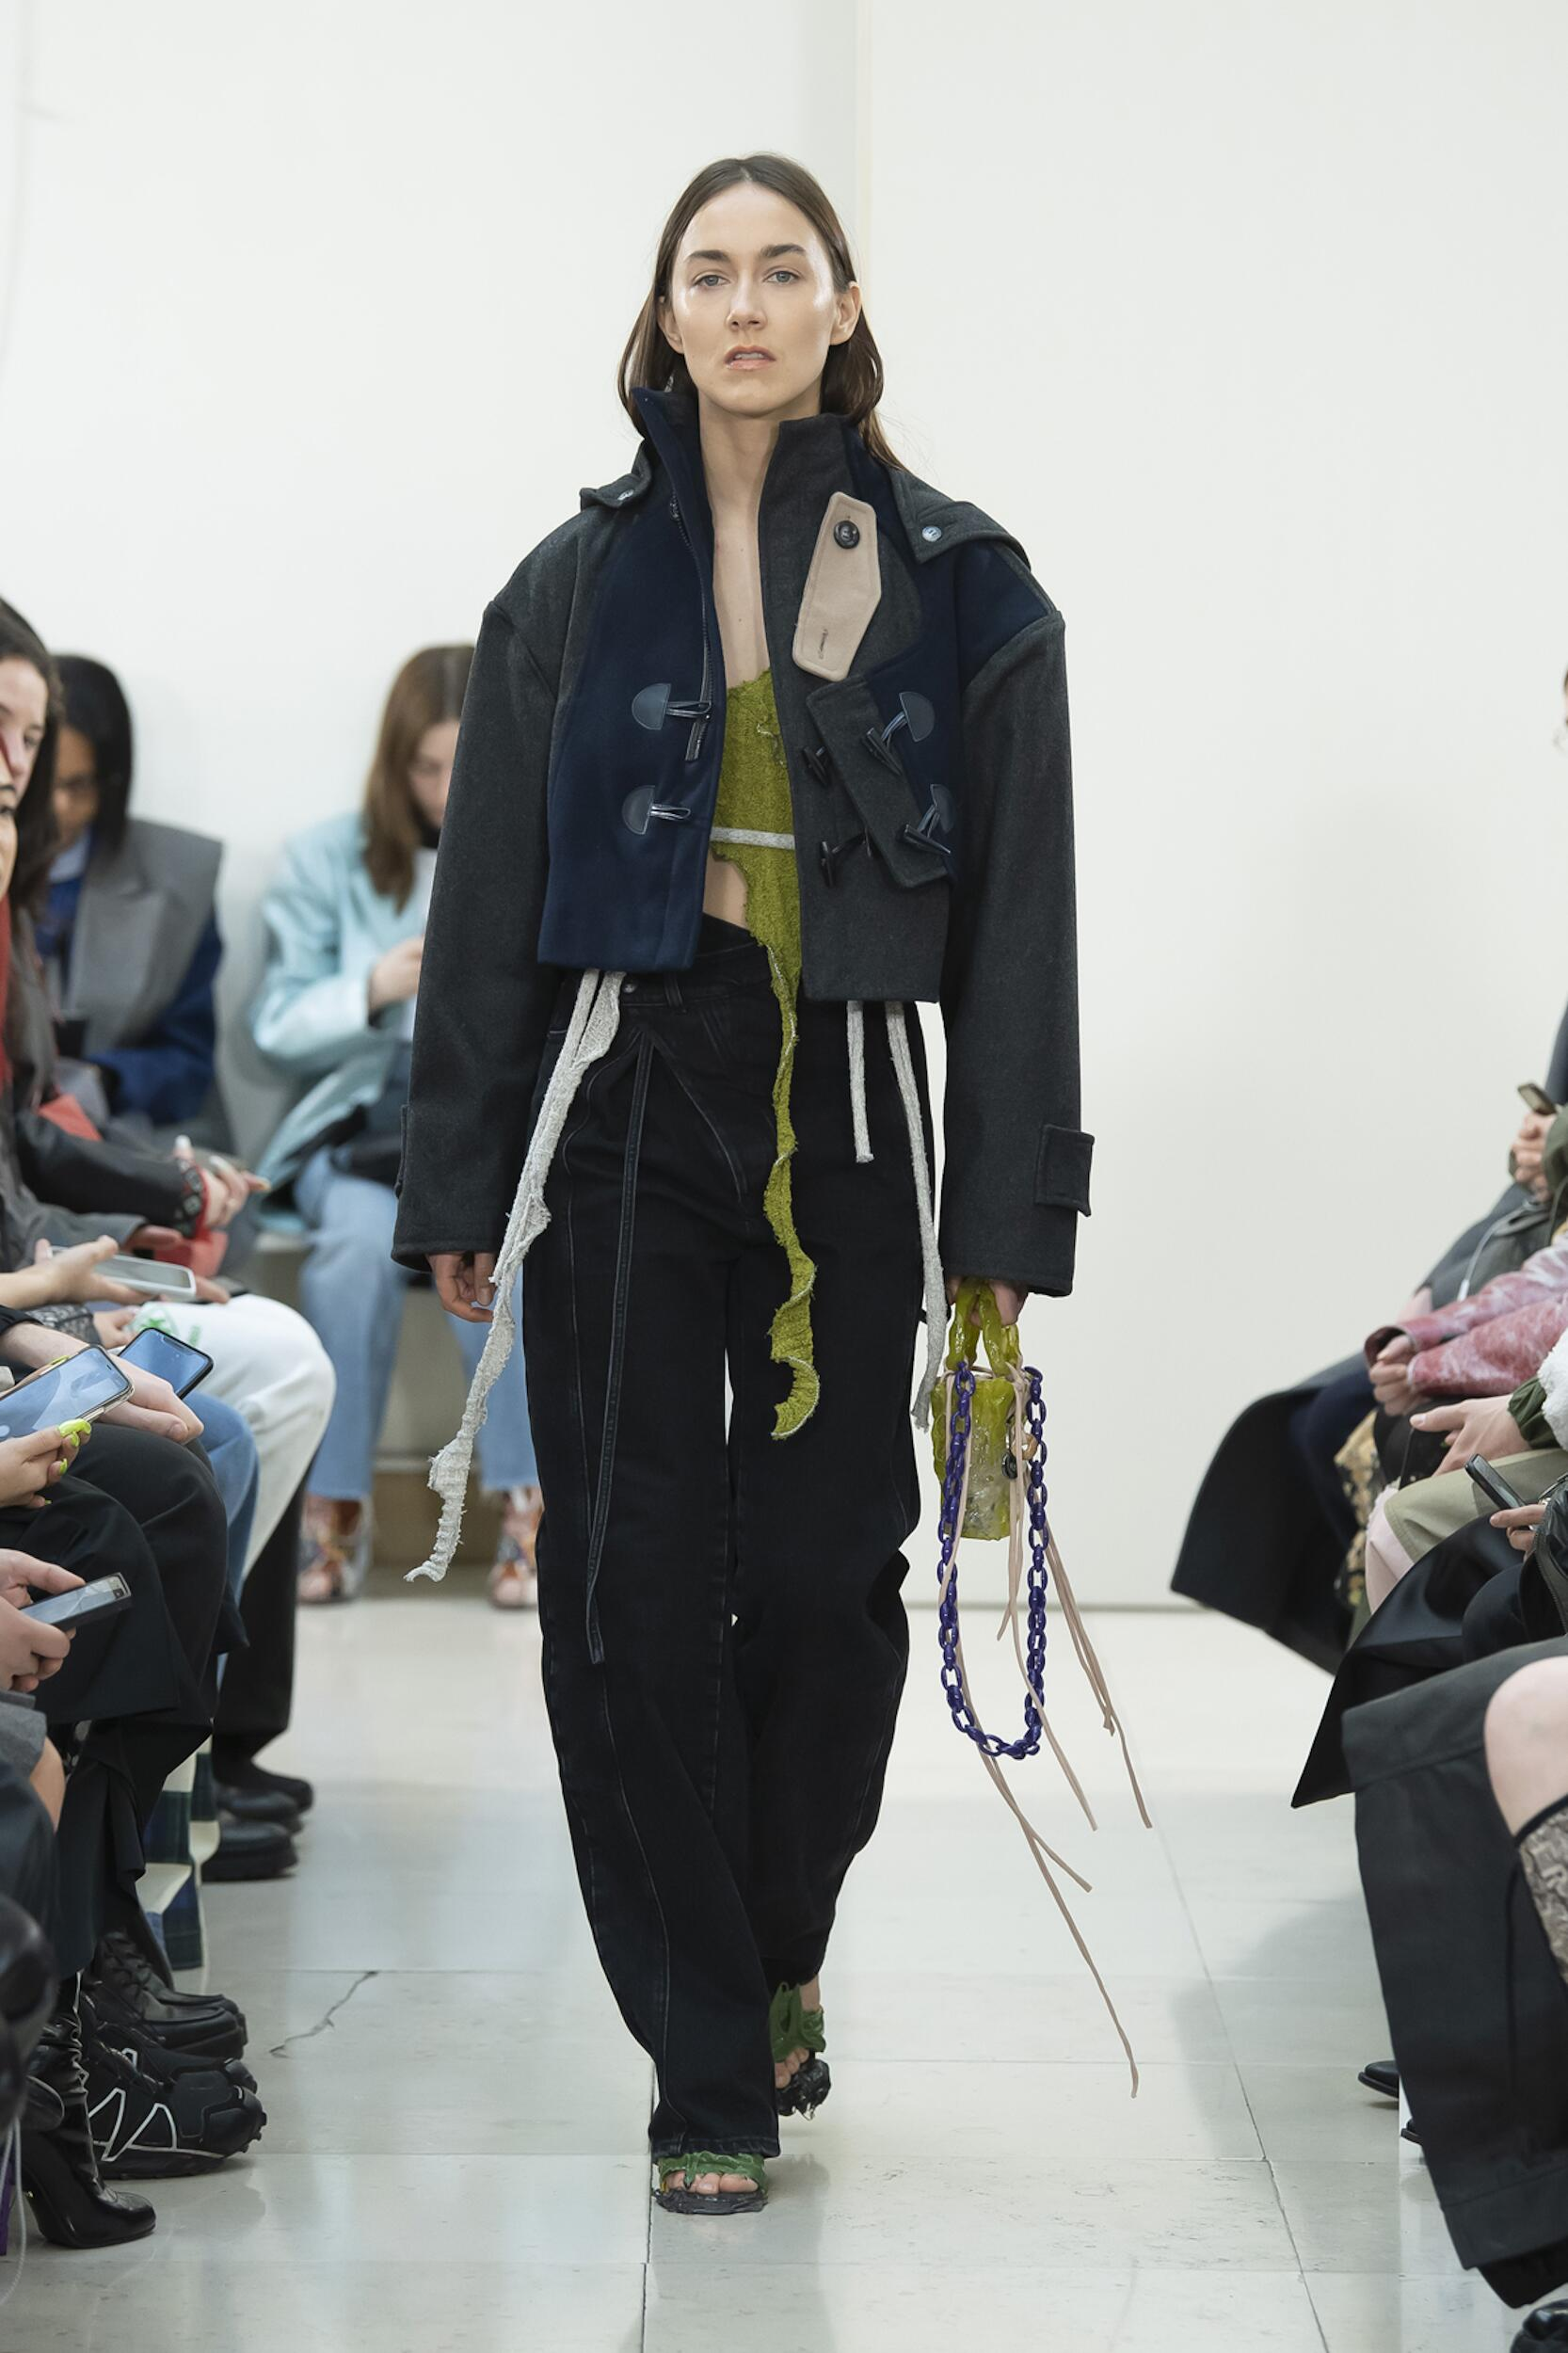 FW 2020-21 Fashion Show Ottolinger